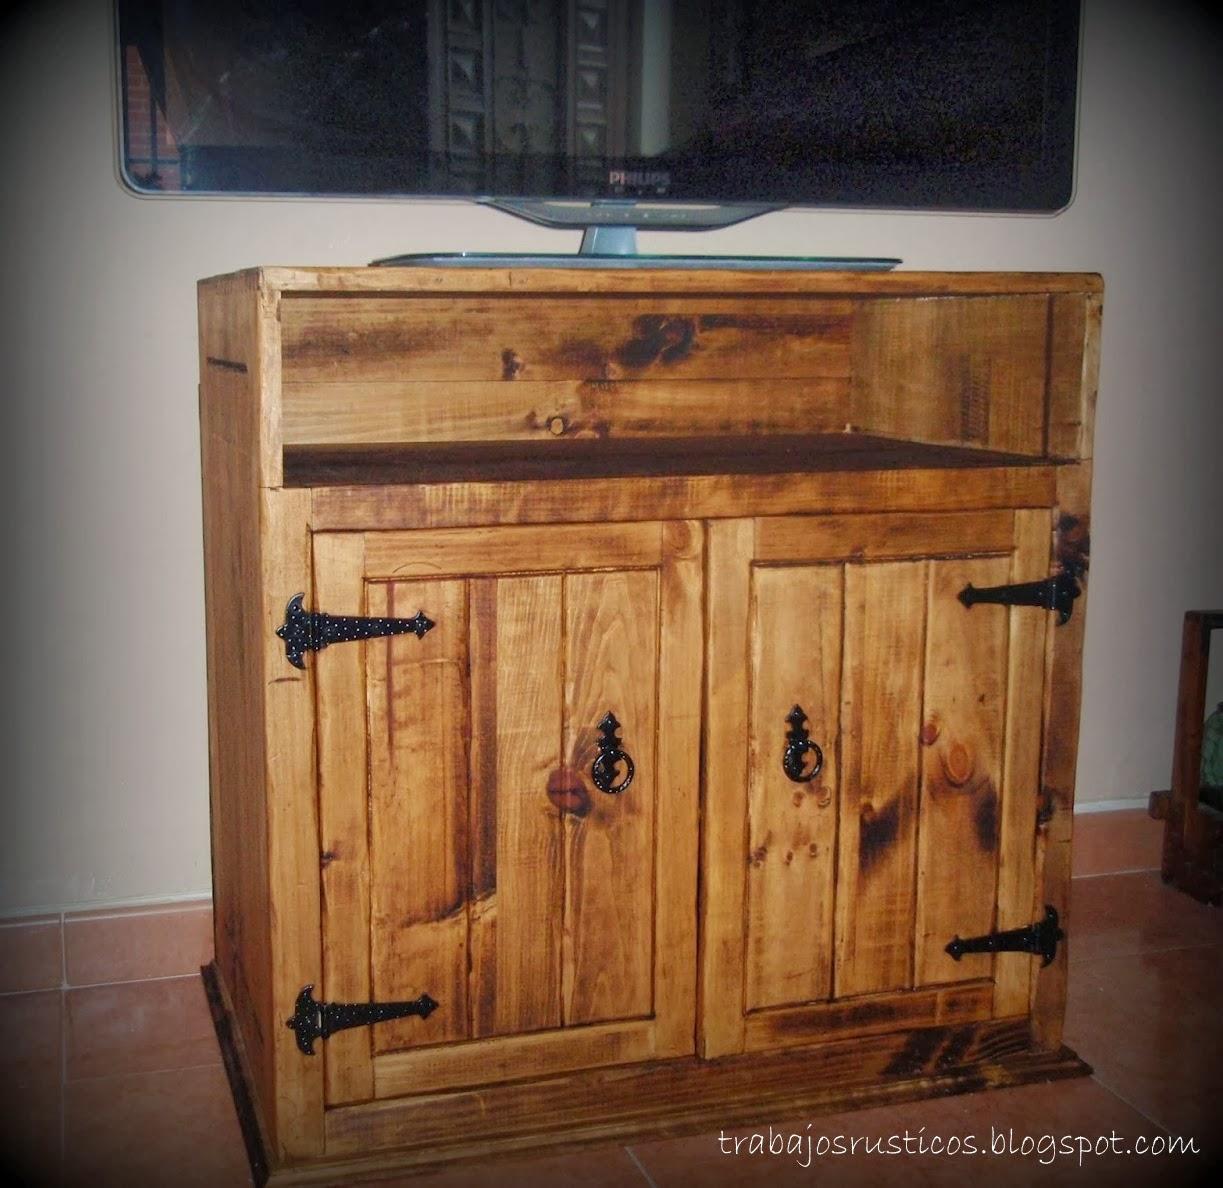 Trabajos r sticos mueble r stico televisi n - Mueble cocina rustico ...